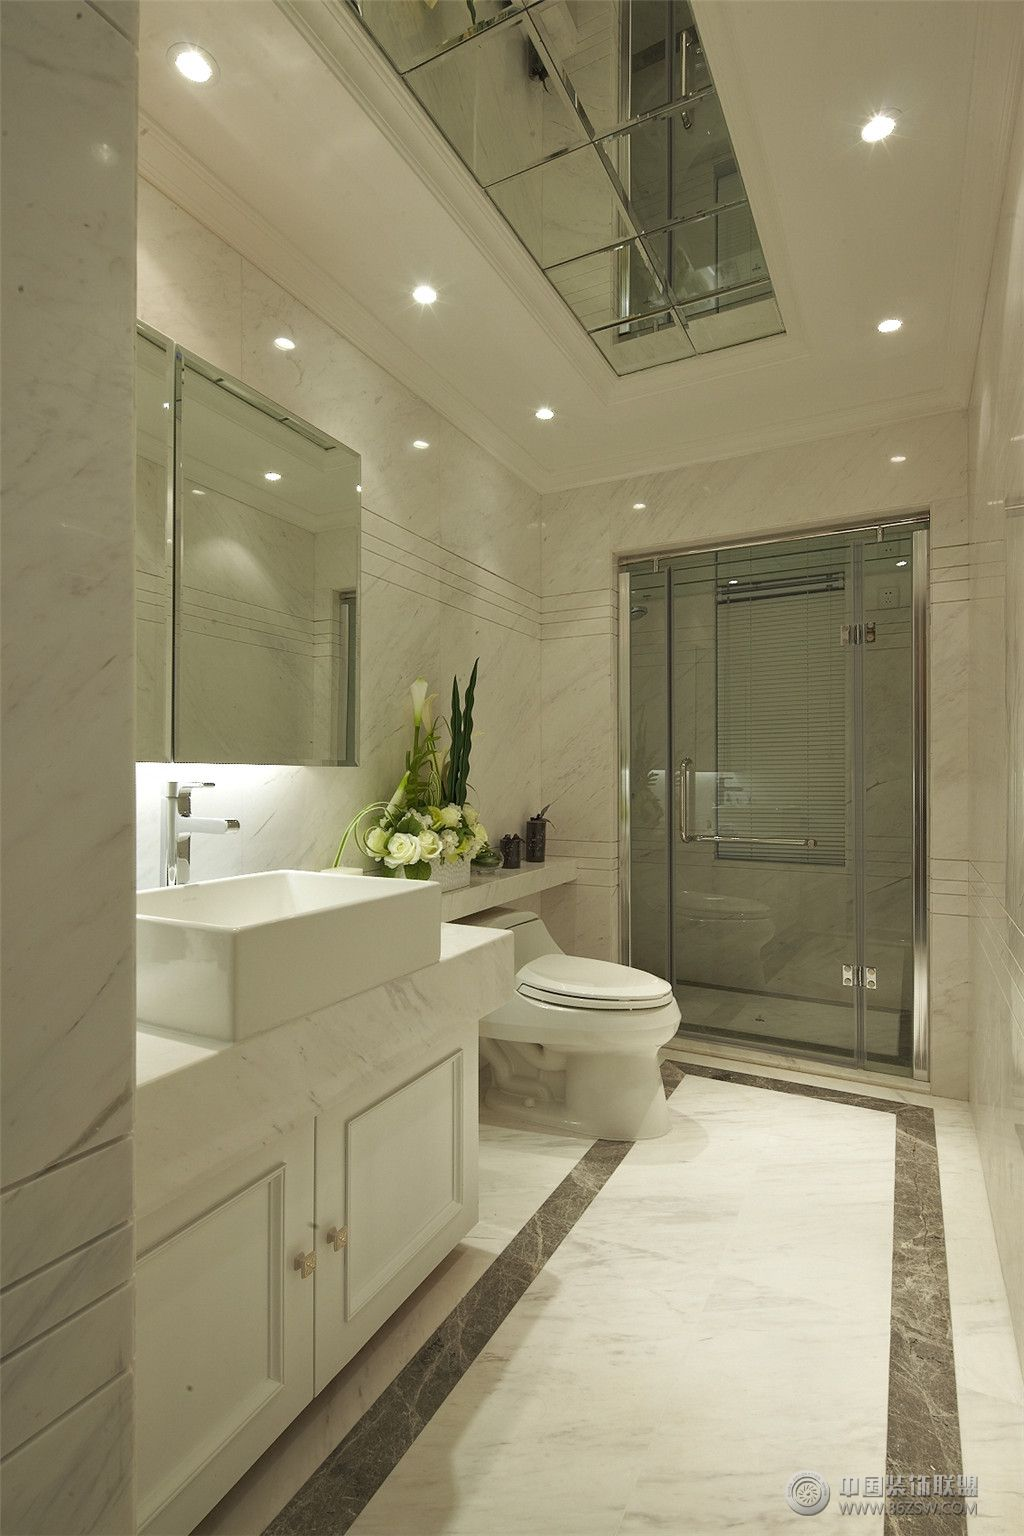 欧式四室两厅豪华装修图-卫生间装修图片